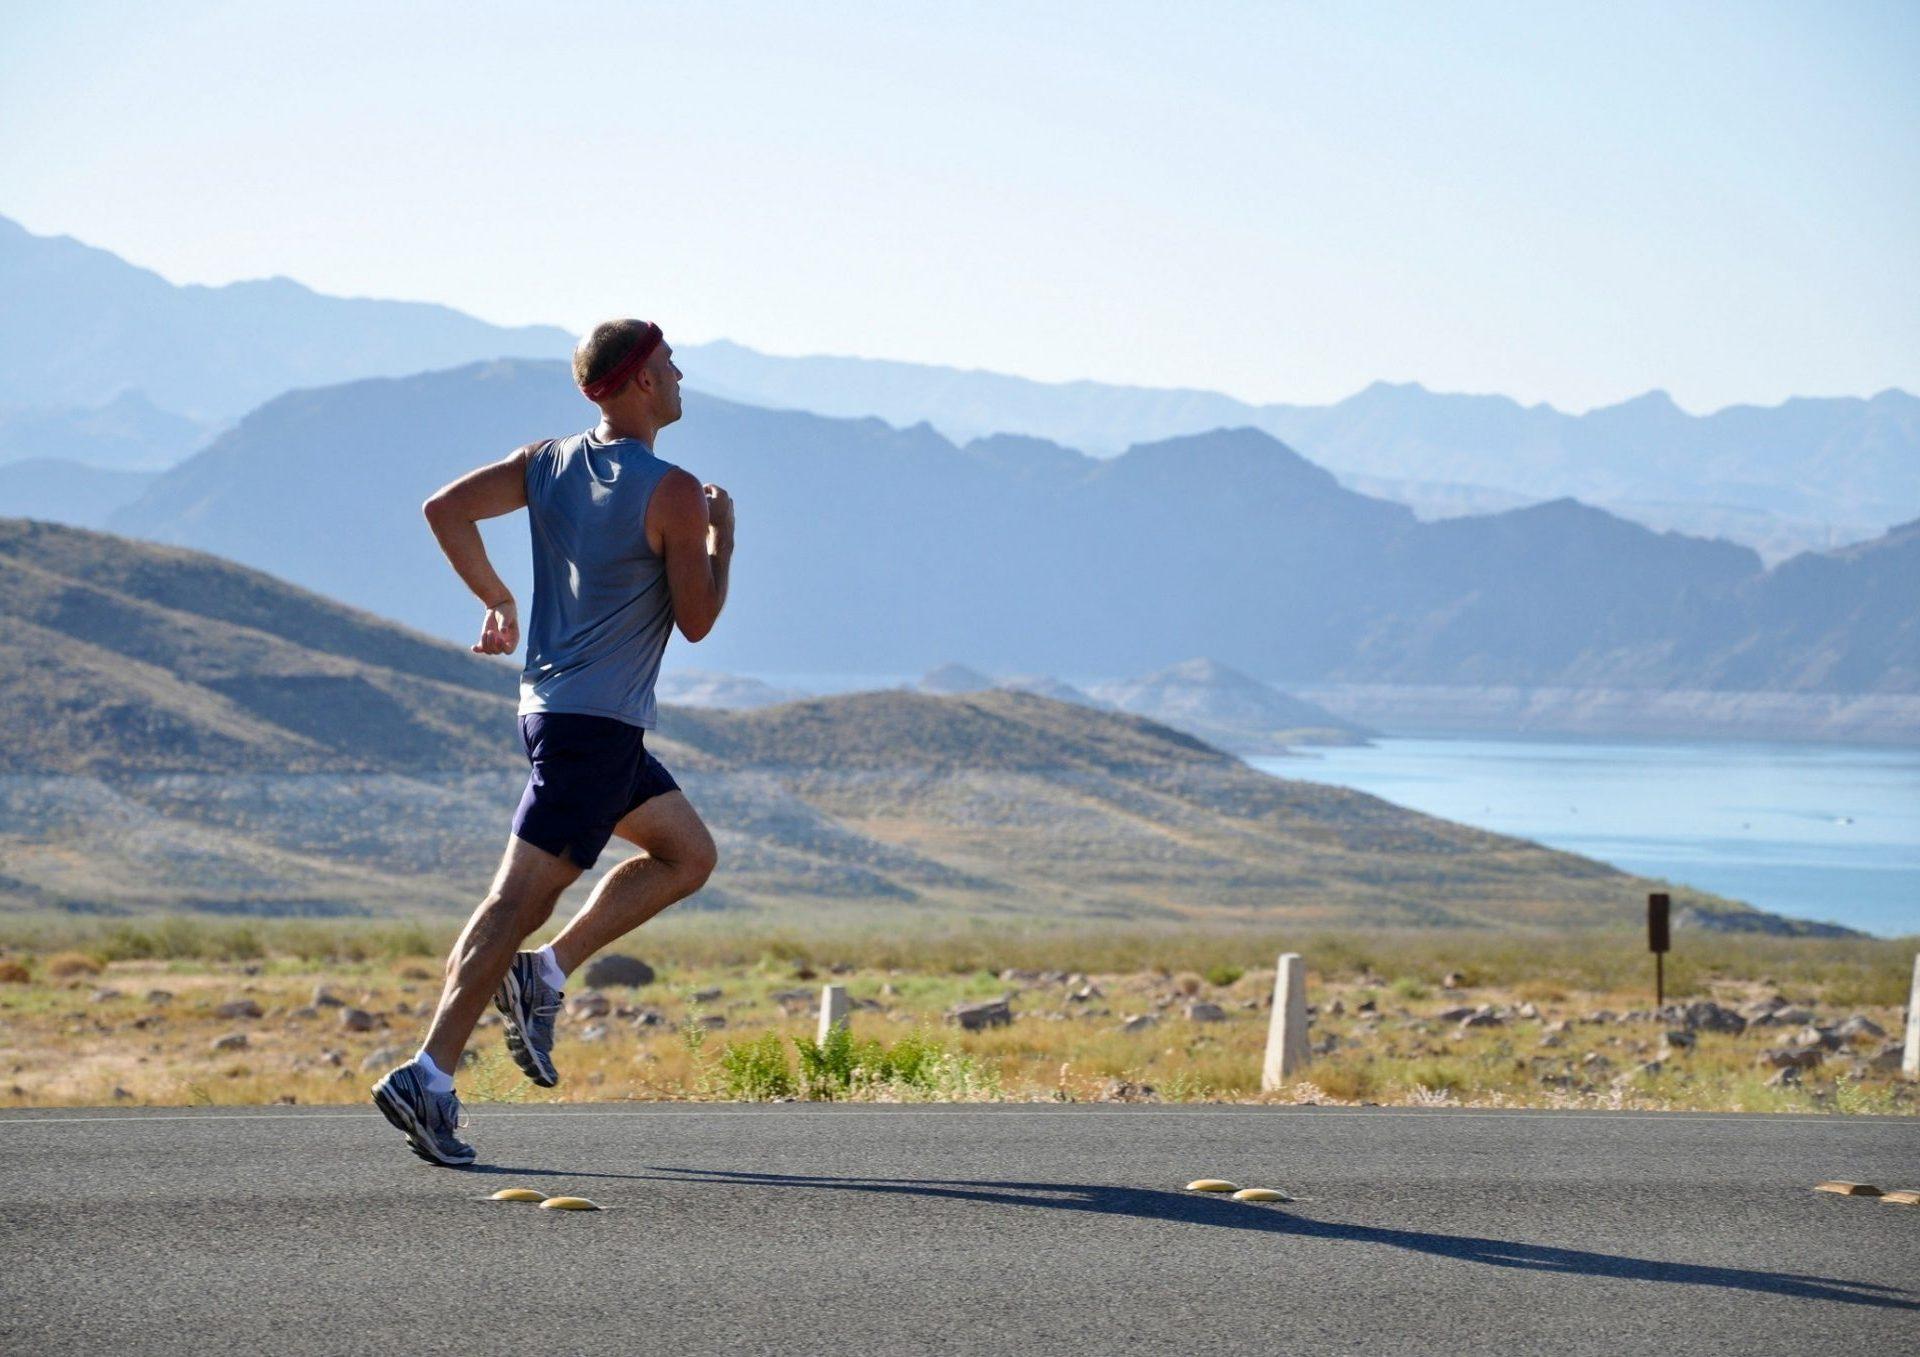 Atlet běžící po silnici s jezerem a horami v pozadí